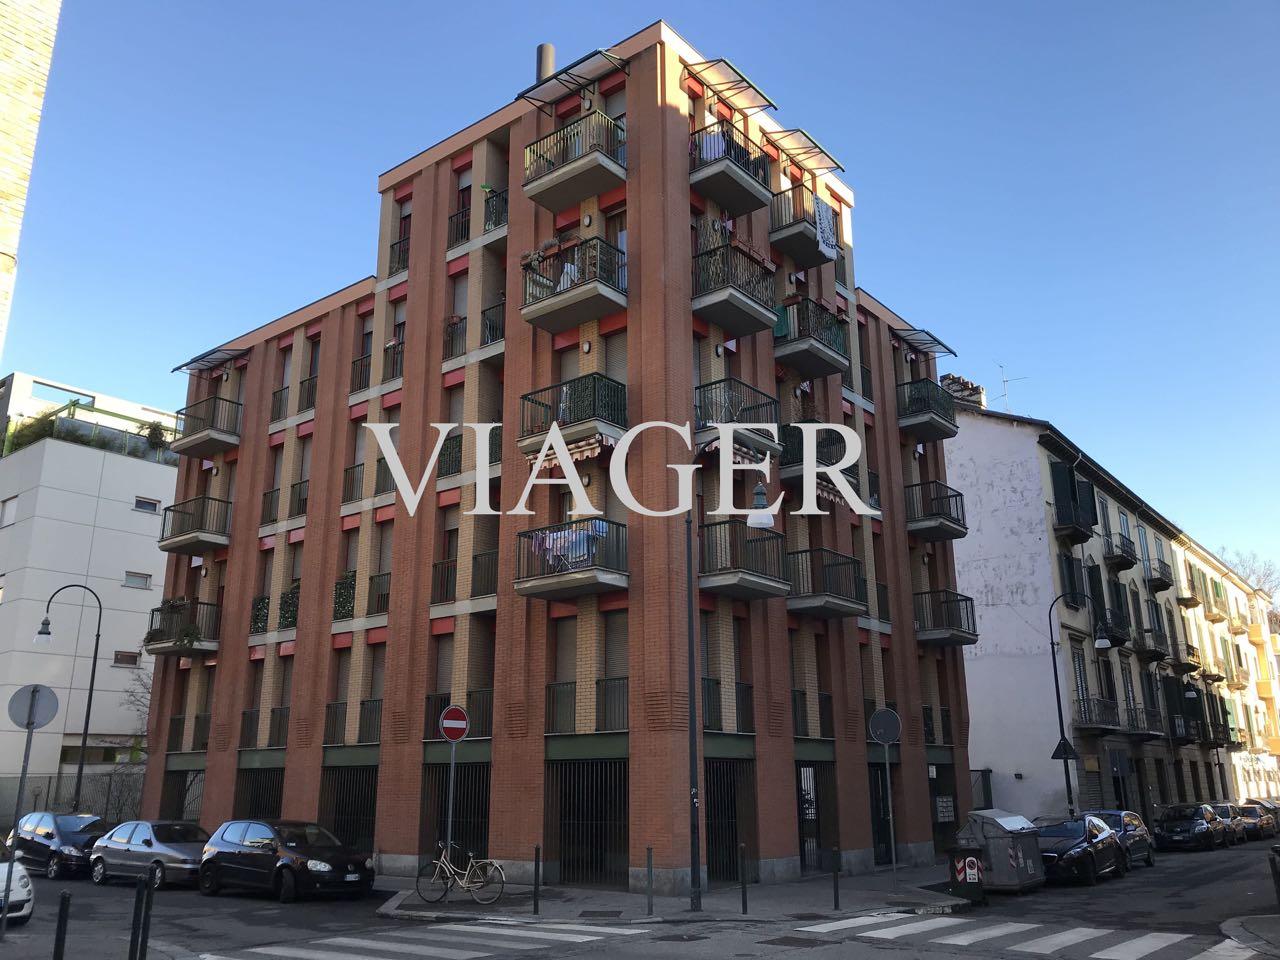 https://www.viager.it/public/Viager-1517-14302_g.jpg